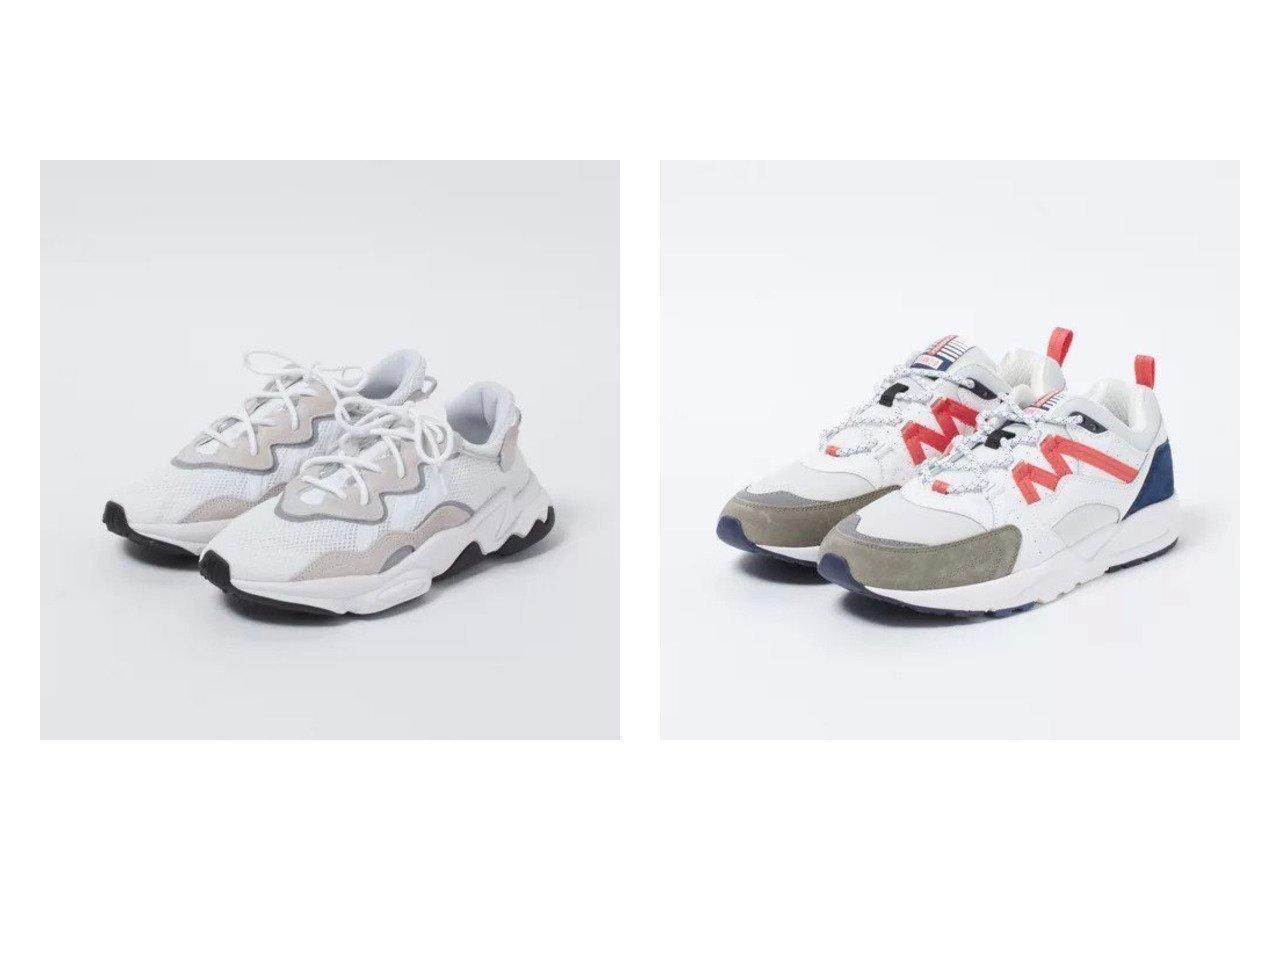 【KARHU/カルフ】のフュージョン2.0&【adidas Originals/アディダス オリジナルス】のOZWEEGO 【シューズ・靴】おすすめ!人気、トレンド・レディースファッションの通販 おすすめで人気の流行・トレンド、ファッションの通販商品 メンズファッション・キッズファッション・インテリア・家具・レディースファッション・服の通販 founy(ファニー) https://founy.com/ 雑誌掲載アイテム Magazine Items ファッション雑誌 Fashion Magazines エクラ eclat ファッション Fashion レディースファッション WOMEN 4月号 シューズ スニーカー トレンド フィット 厚底 雑誌  ID:crp329100000029176